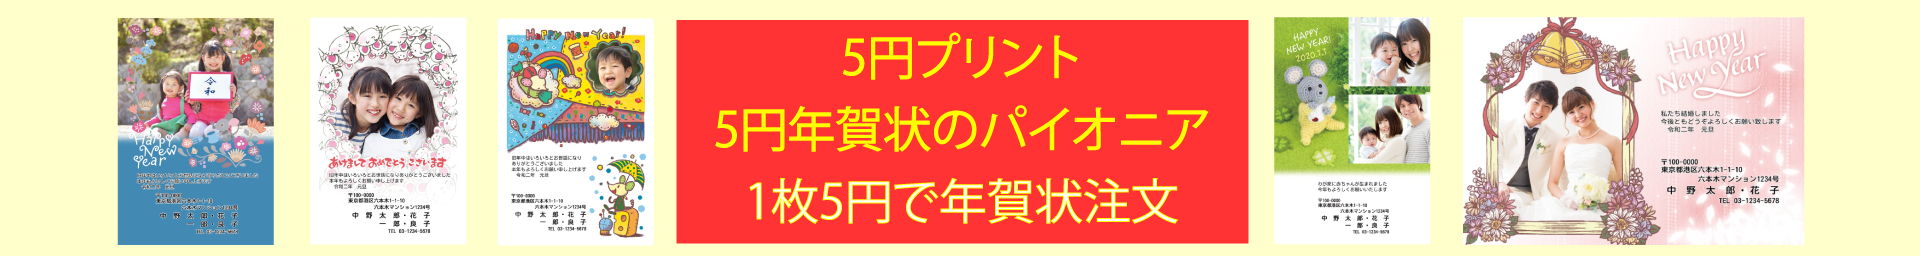 5円プリント・5円年賀状のパイオニア アプリプリントジャパン